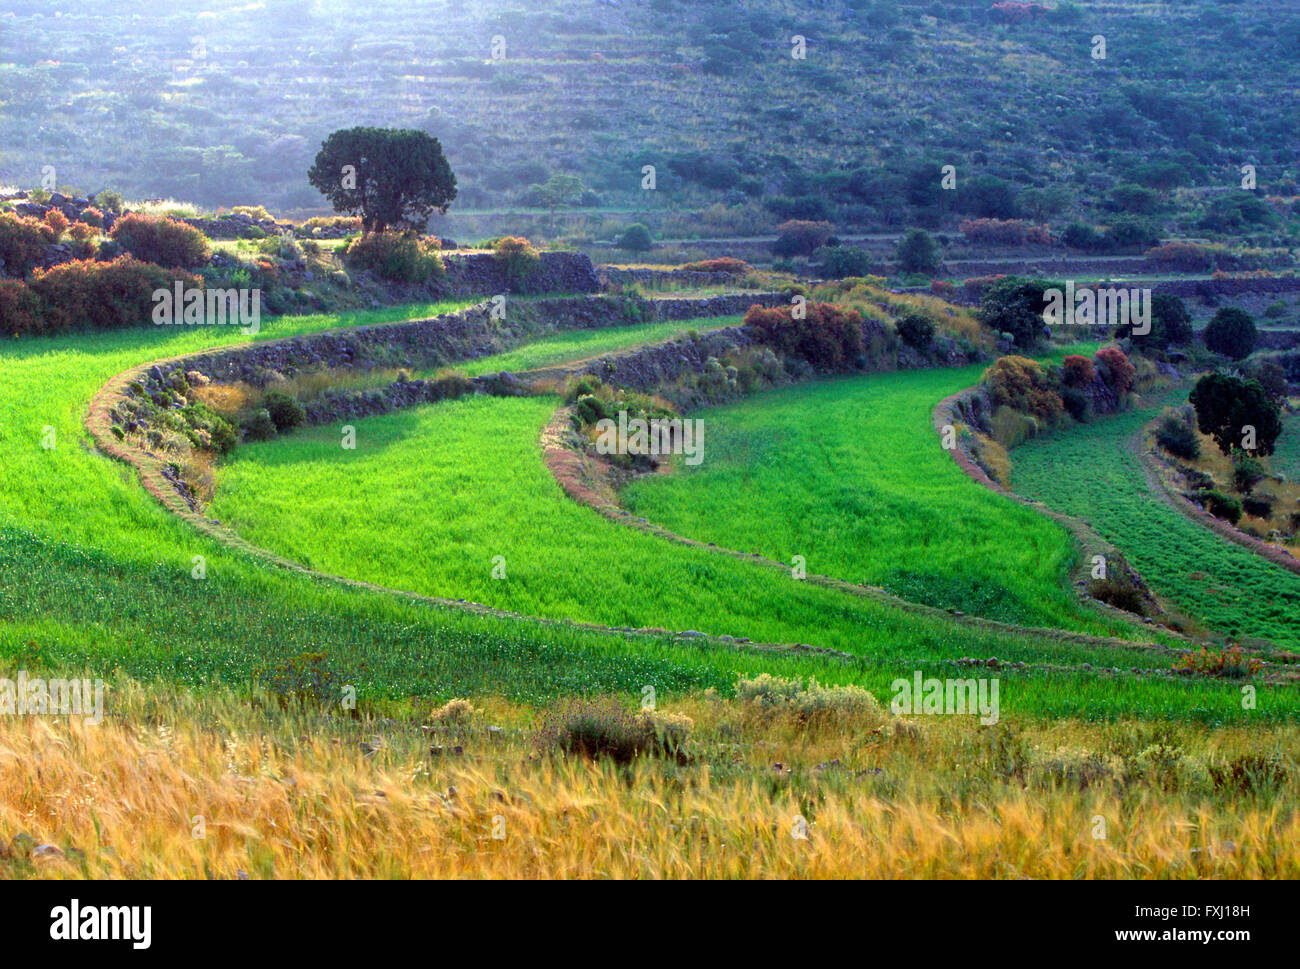 Los Campos De Cultivo En Terrazas Cerca Como Soudah Asir